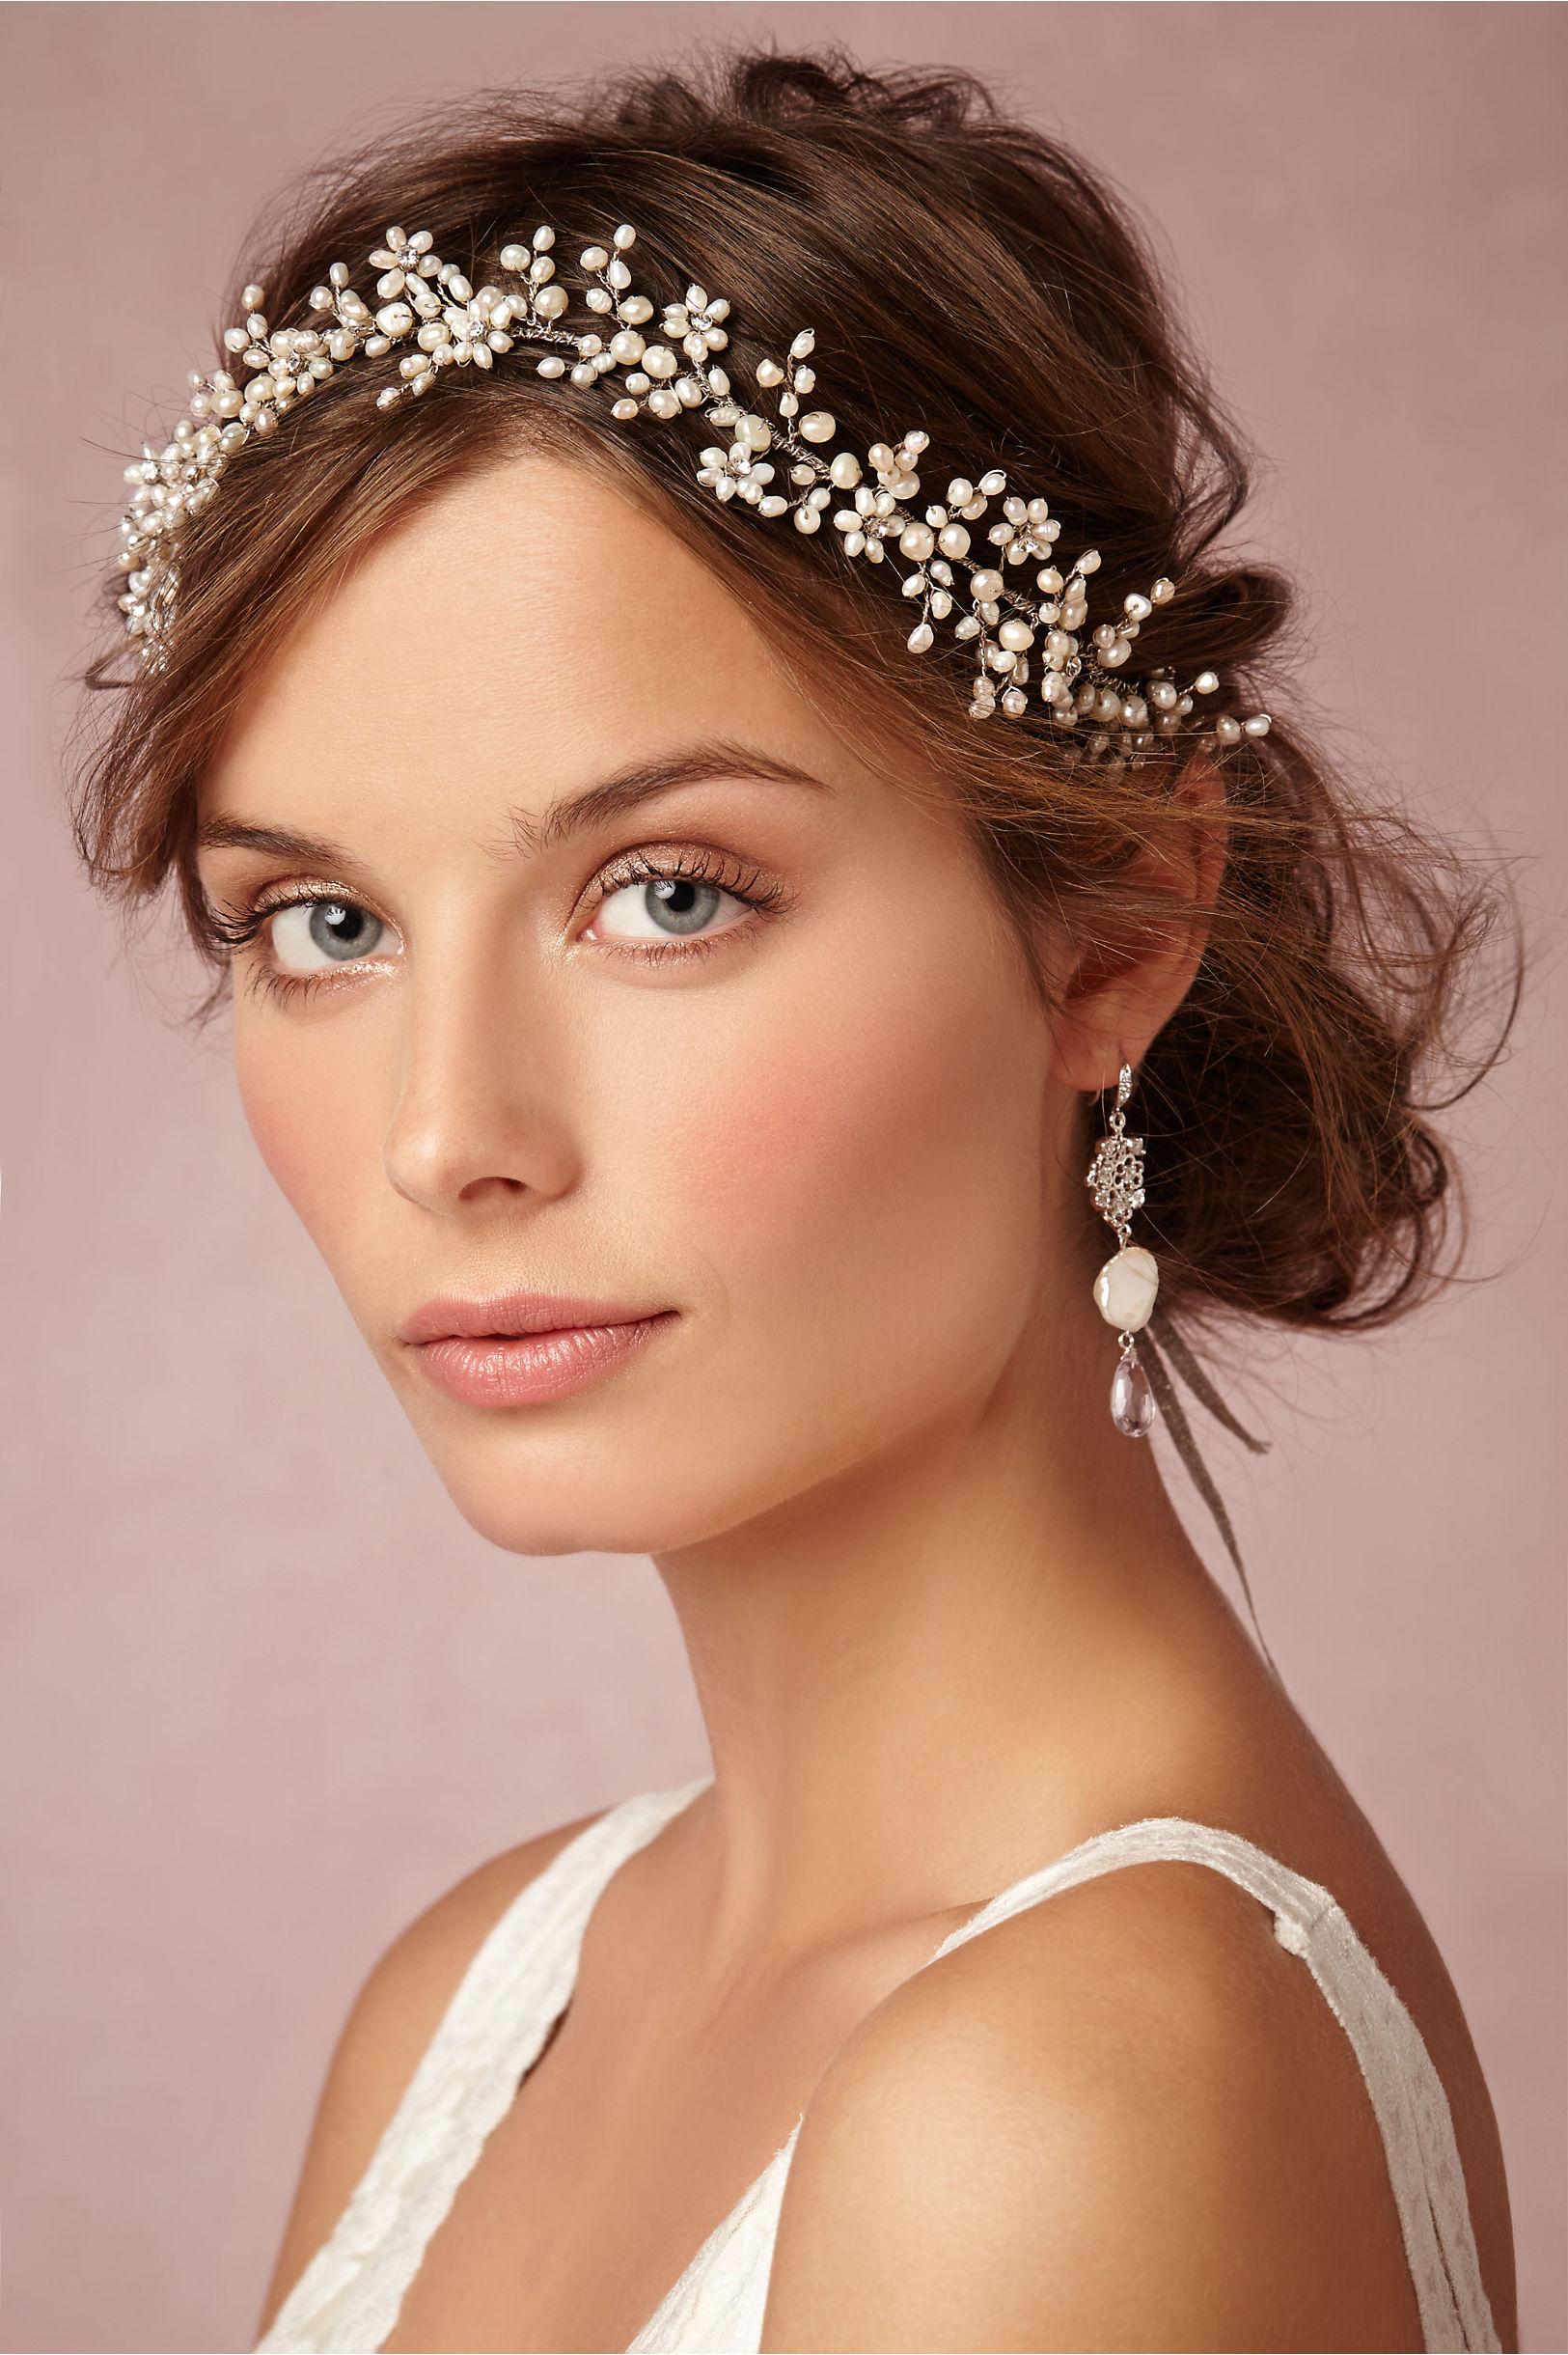 Pearly dreams halo in bride bhldn twigs honey pearl pearly dreams halo bhldn izmirmasajfo Choice Image